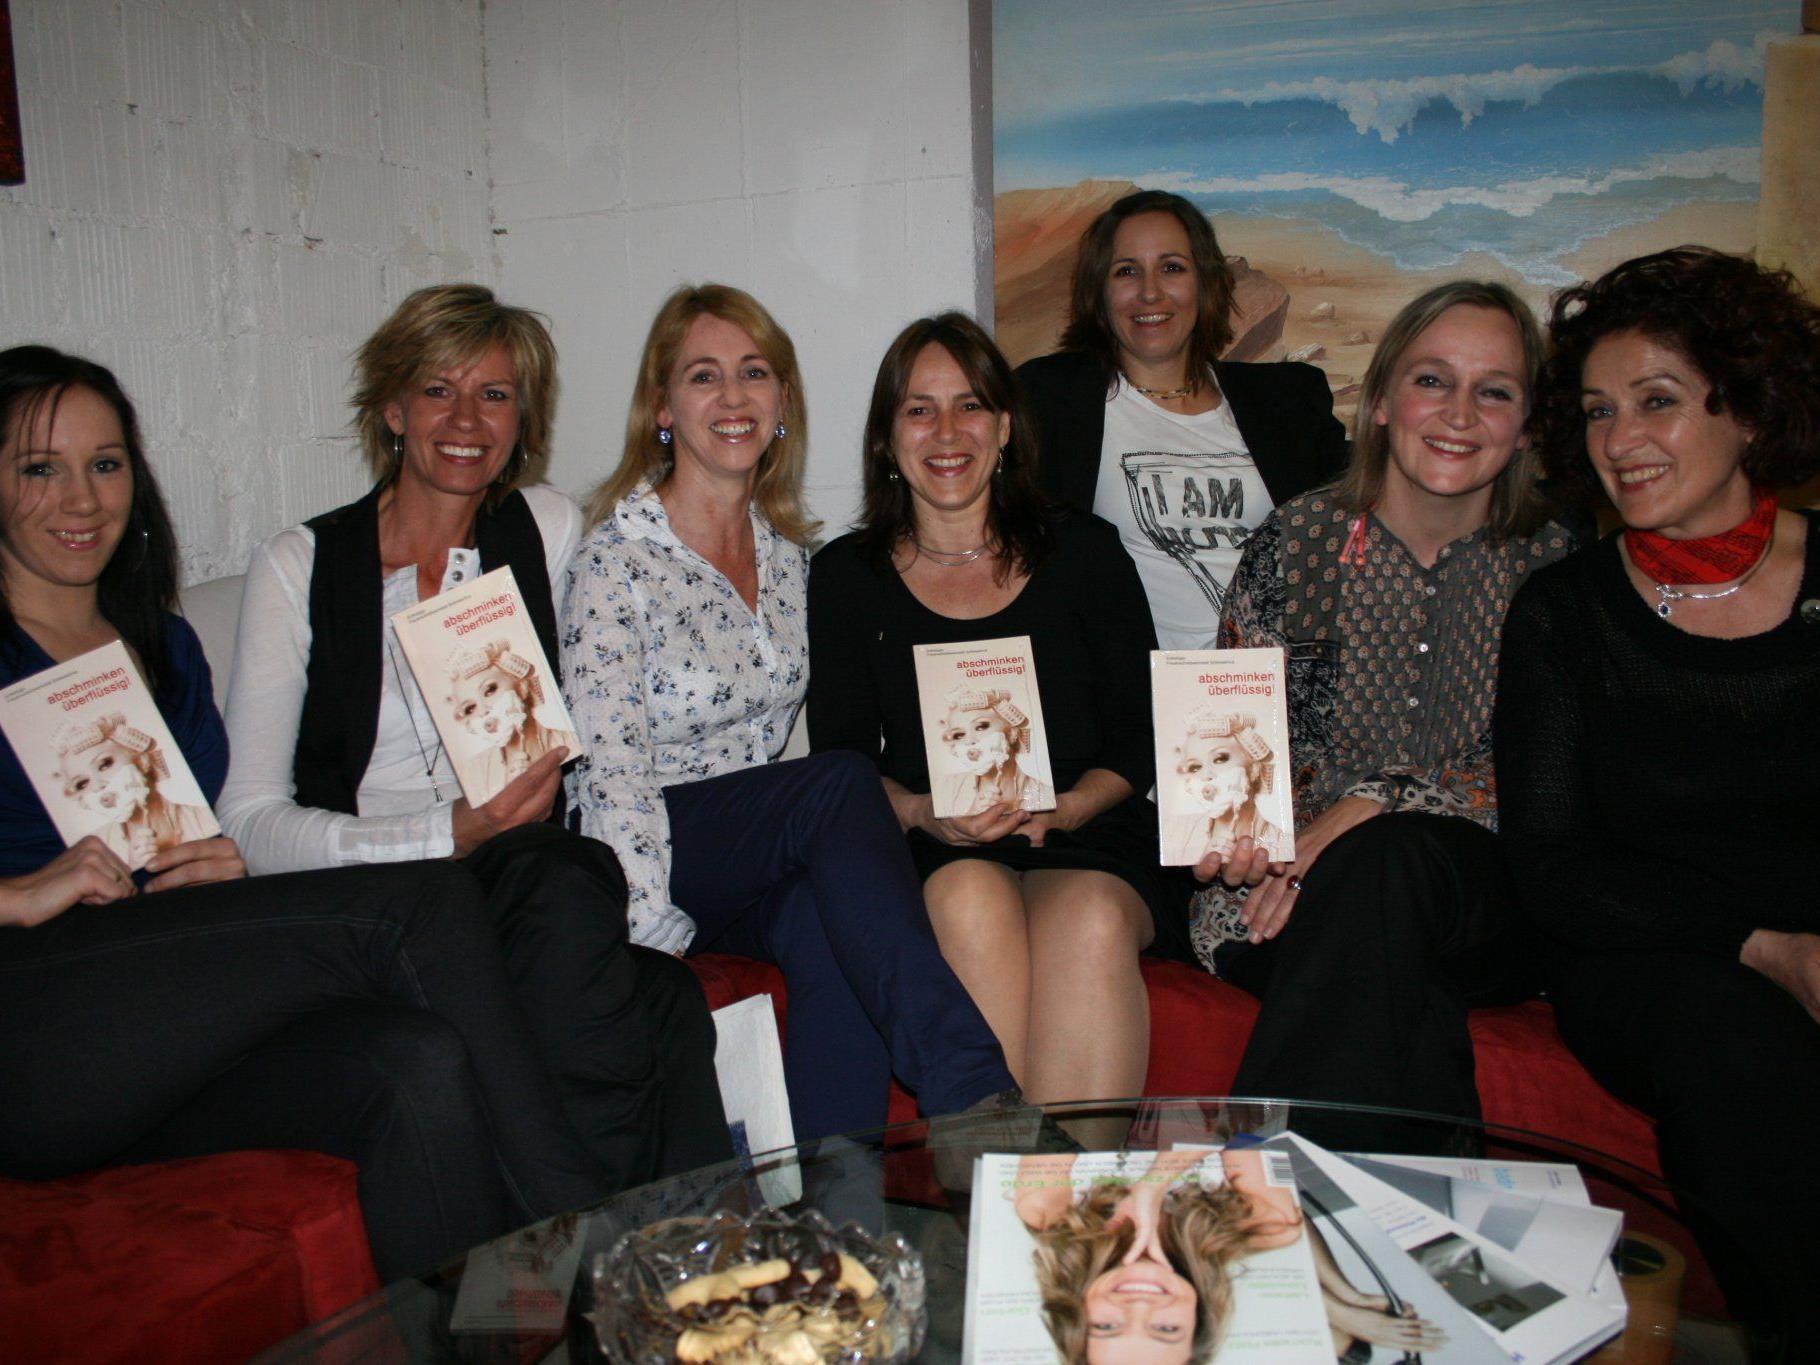 Lesung der Autorinnen der Frauenschreibwerkstatt in der Bibliothek.